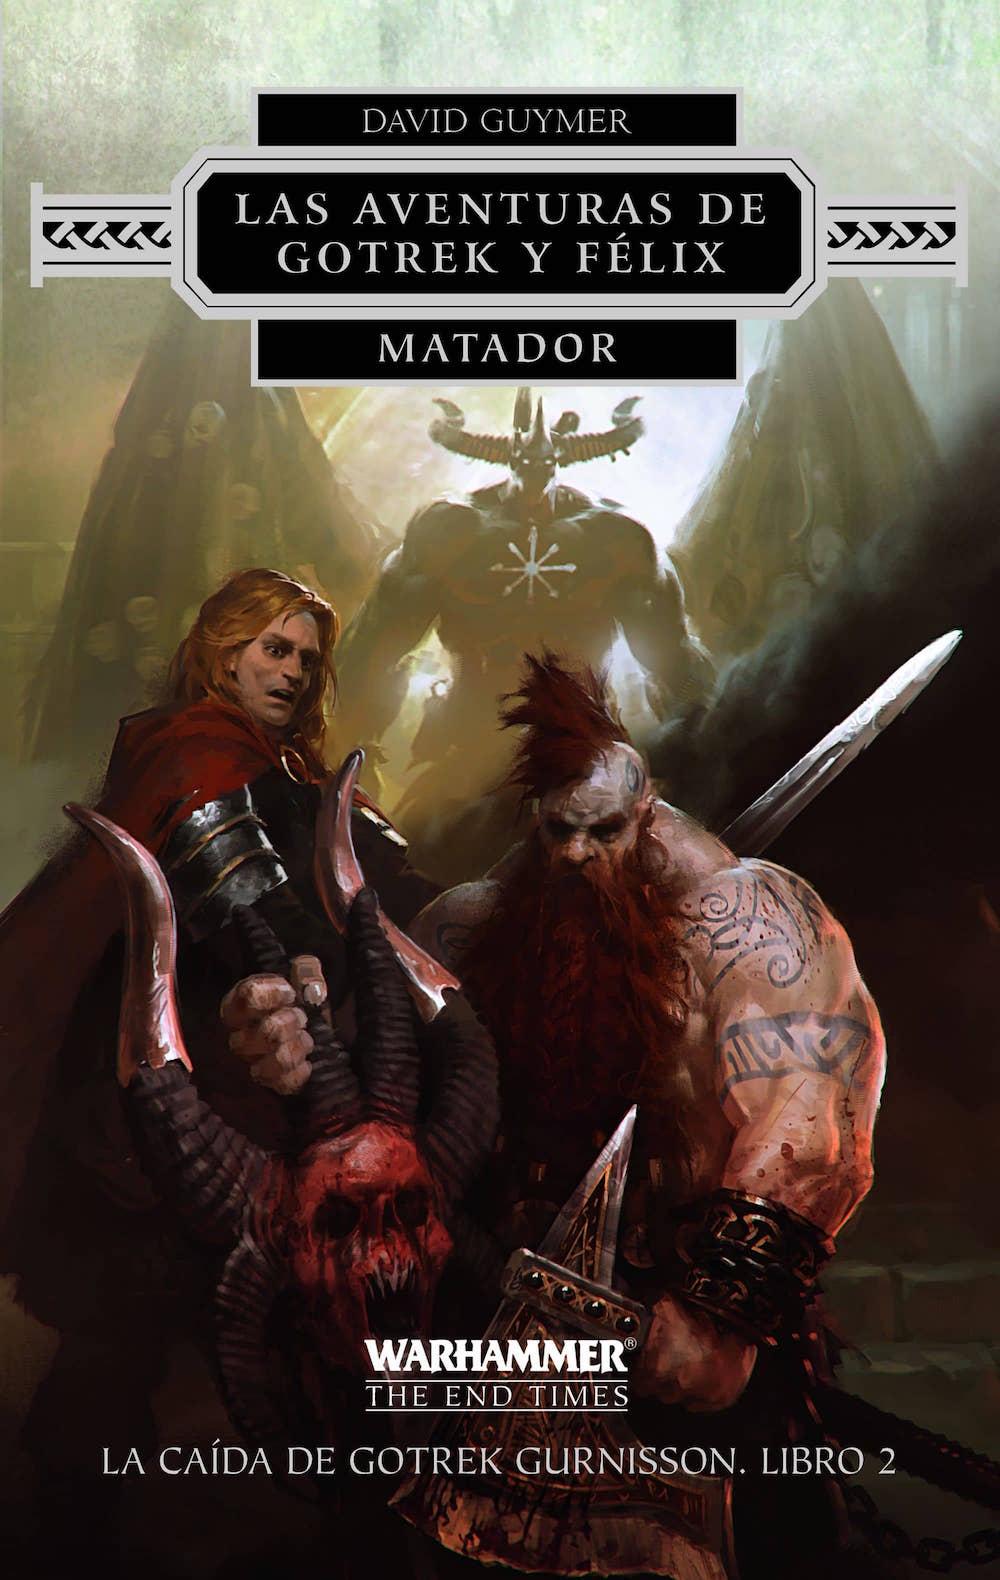 MATADOR (LAS AVENTURAS DE GOTREK Y FELIX)